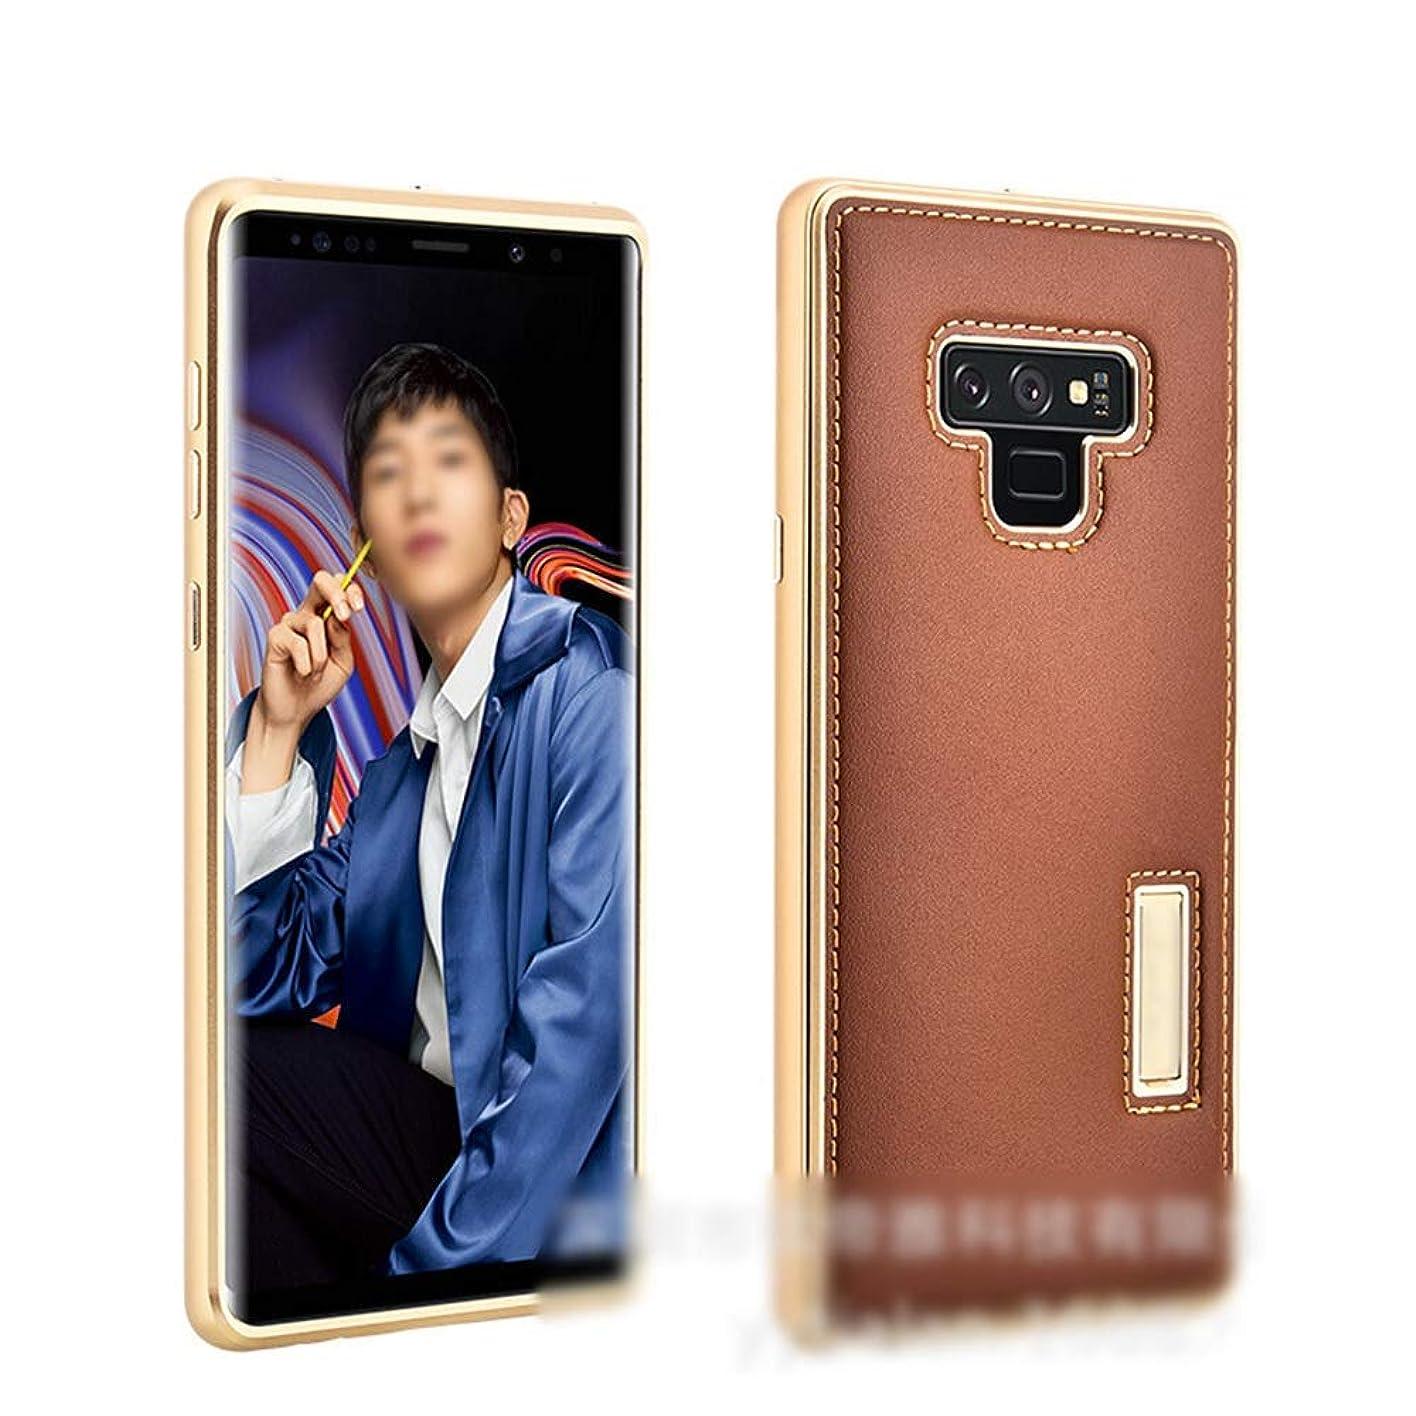 タイト軽減下位Tonglilili 電話ケース、革ケースサムスンの新しい落下防止電話ケース、サムスンS9プラスの電話ケース、S9、Note9、S8プラス、Note8、S8 (Color : ブラウン, Edition : S9 Plus)